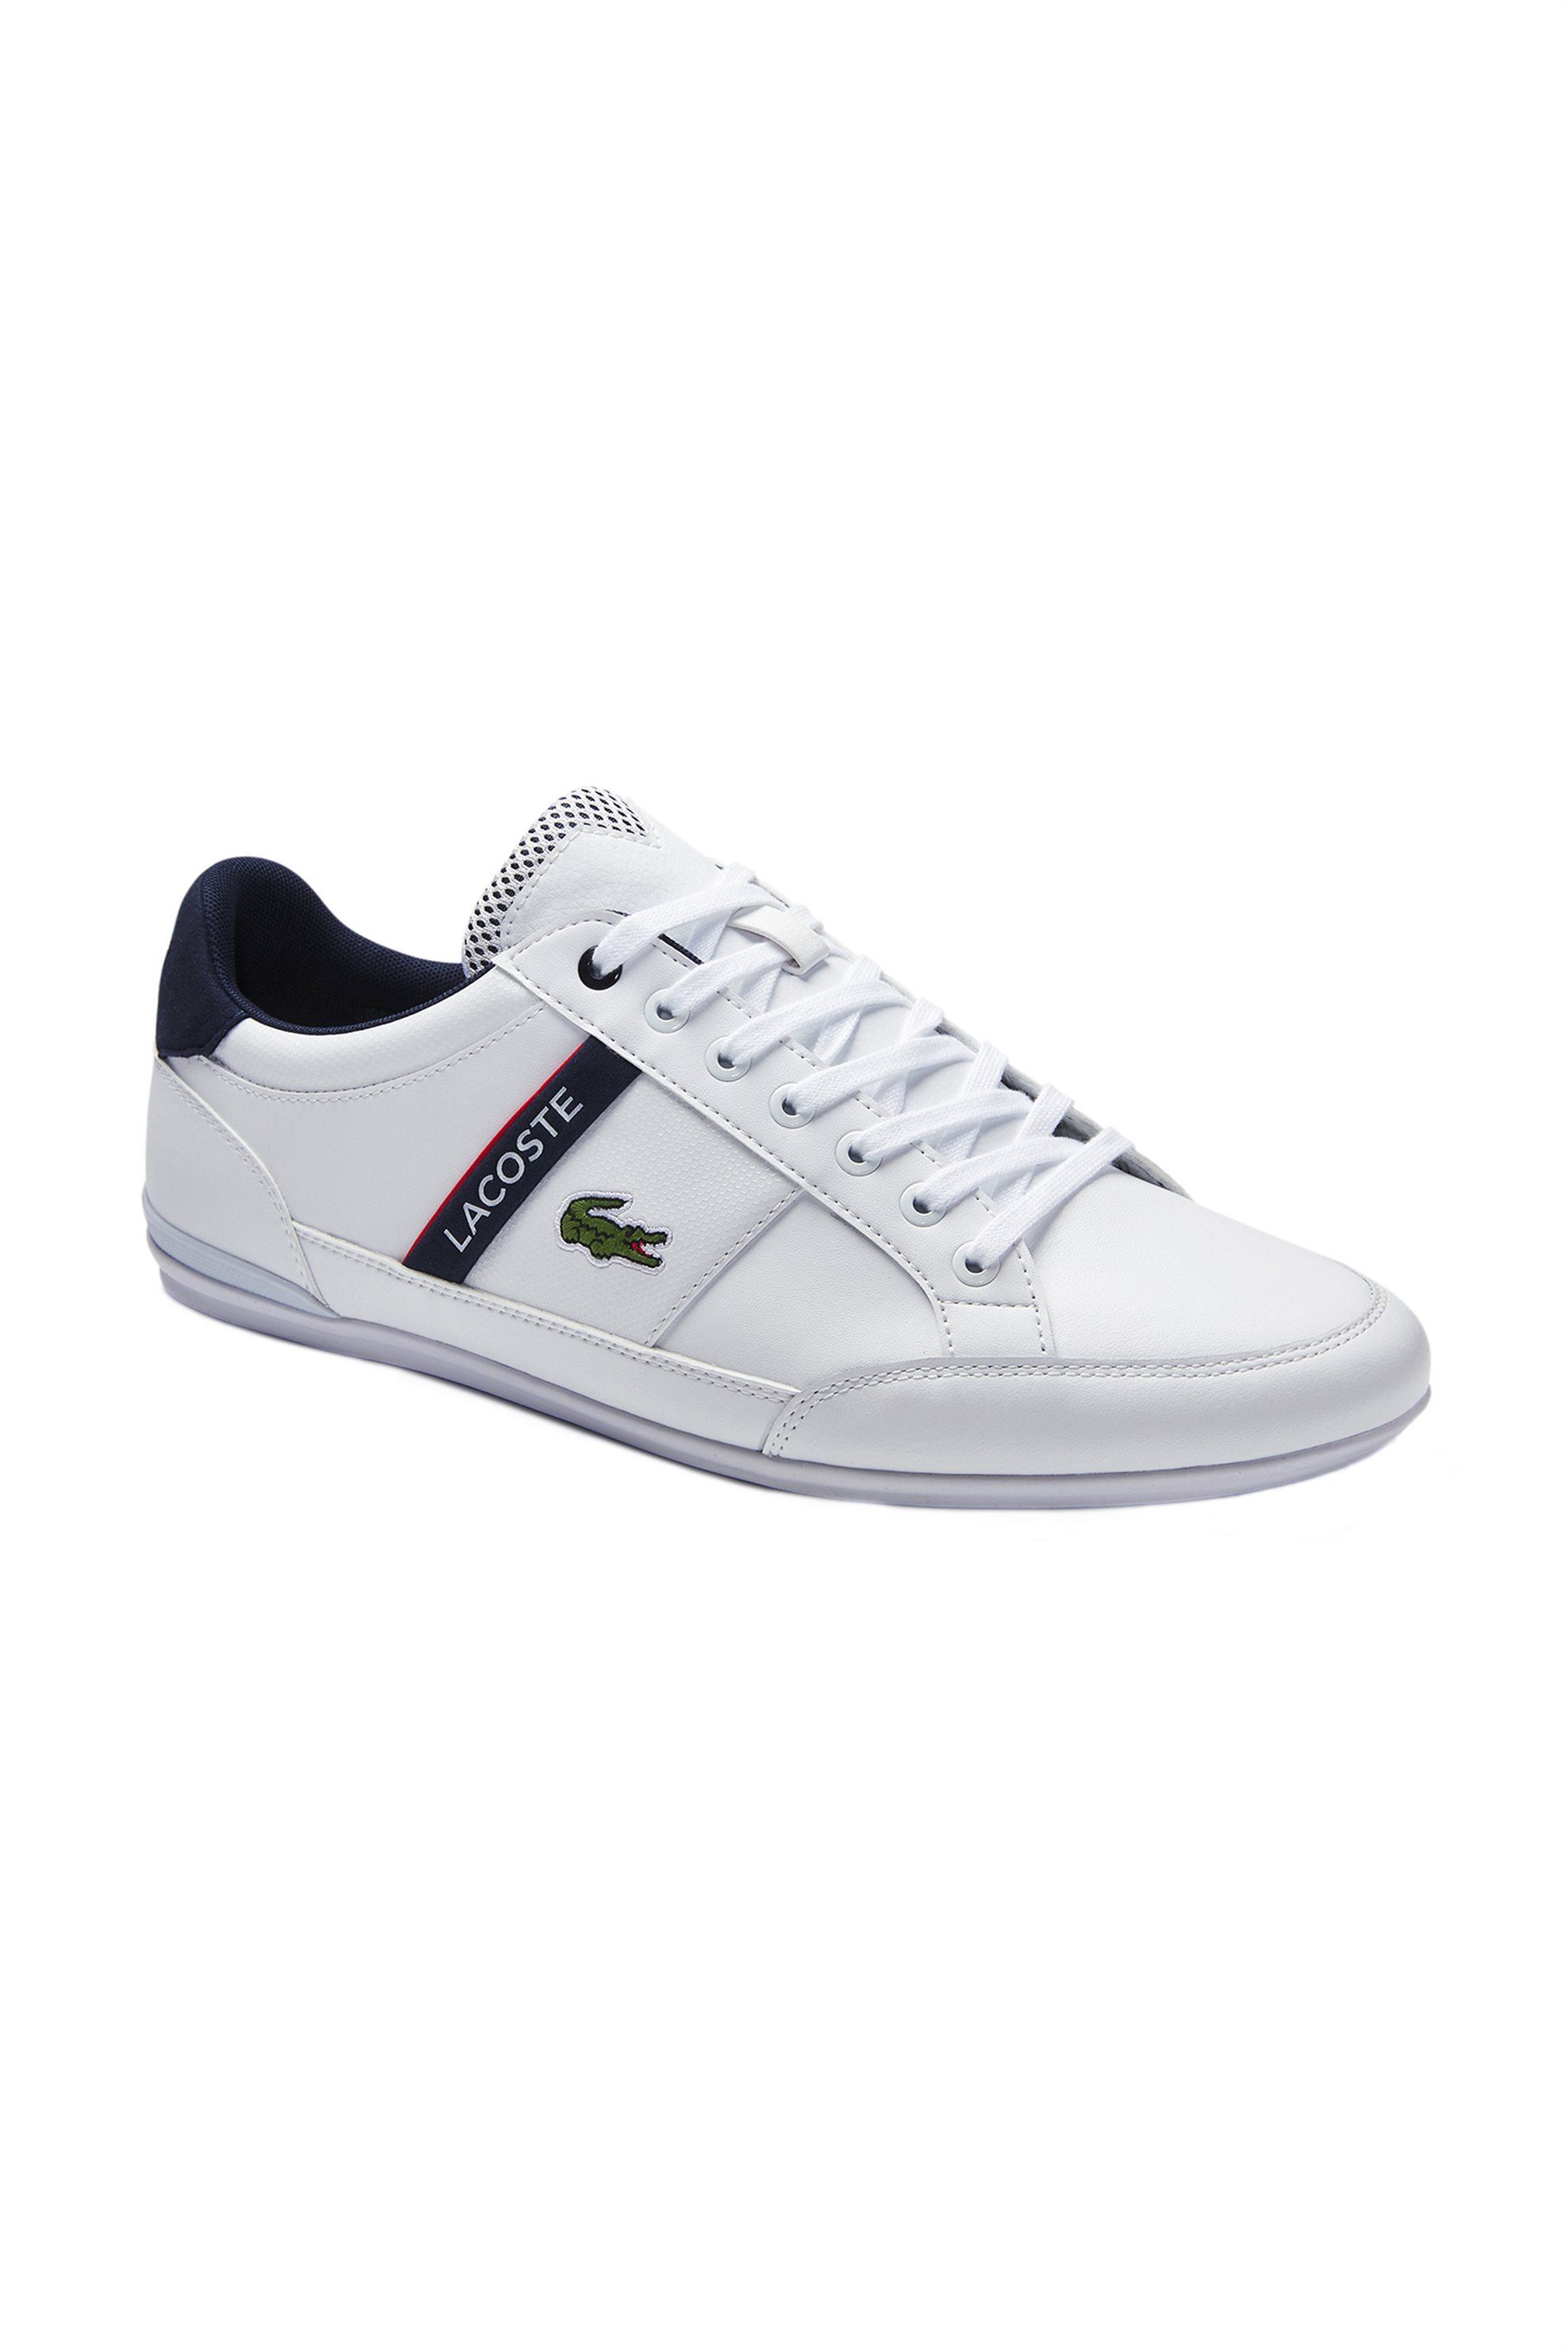 """Lacoste ανδρικά sneakers """"Chaymon"""" – 40CMA0067407 – Λευκό"""